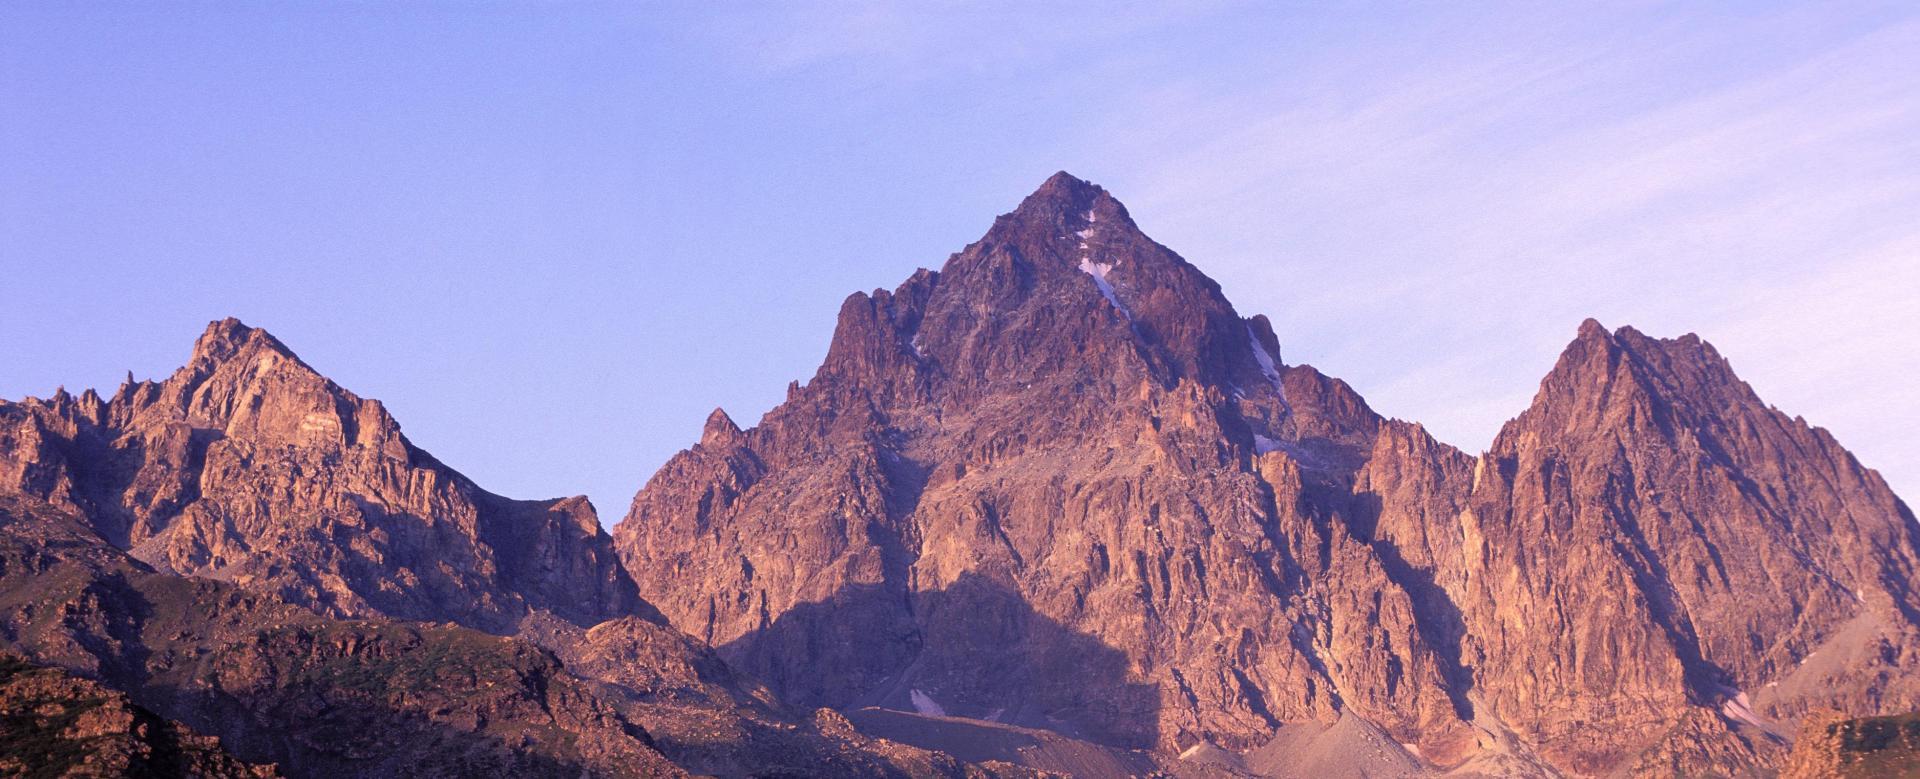 Voyage à pied : Objectif mont viso (3841 m)